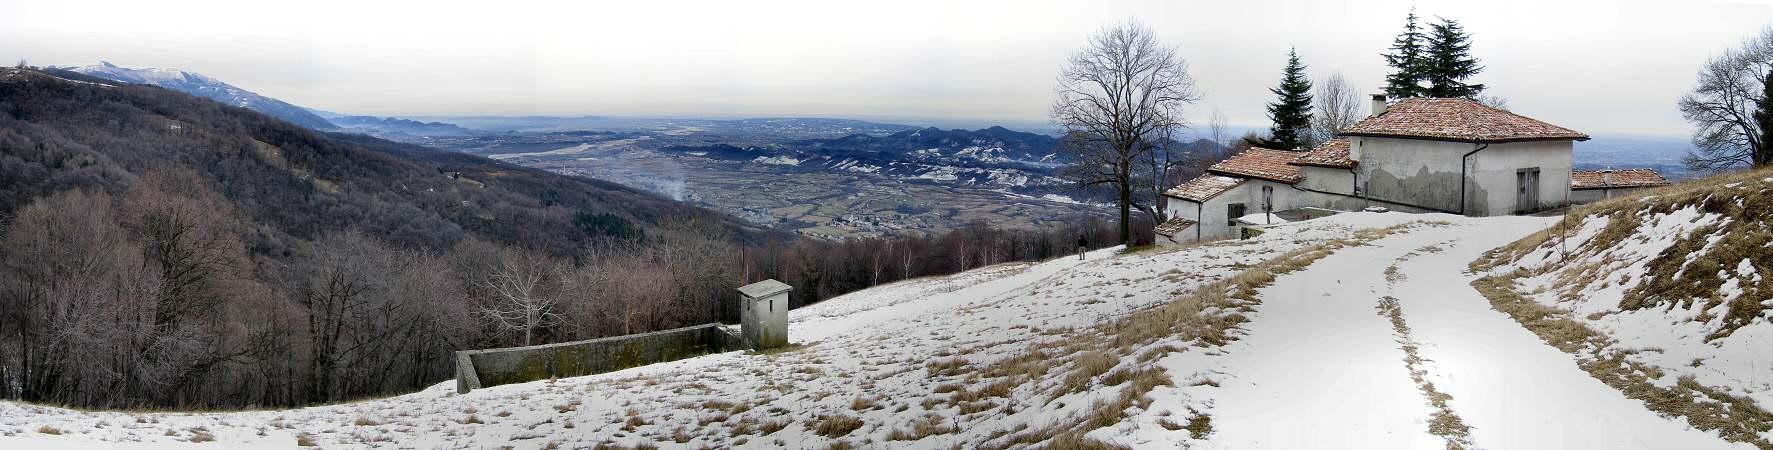 Valcavasia Malga Le Tombe Malga Doc A Cavaso Del Tomba Monte Grappa Fotografia Panoramica